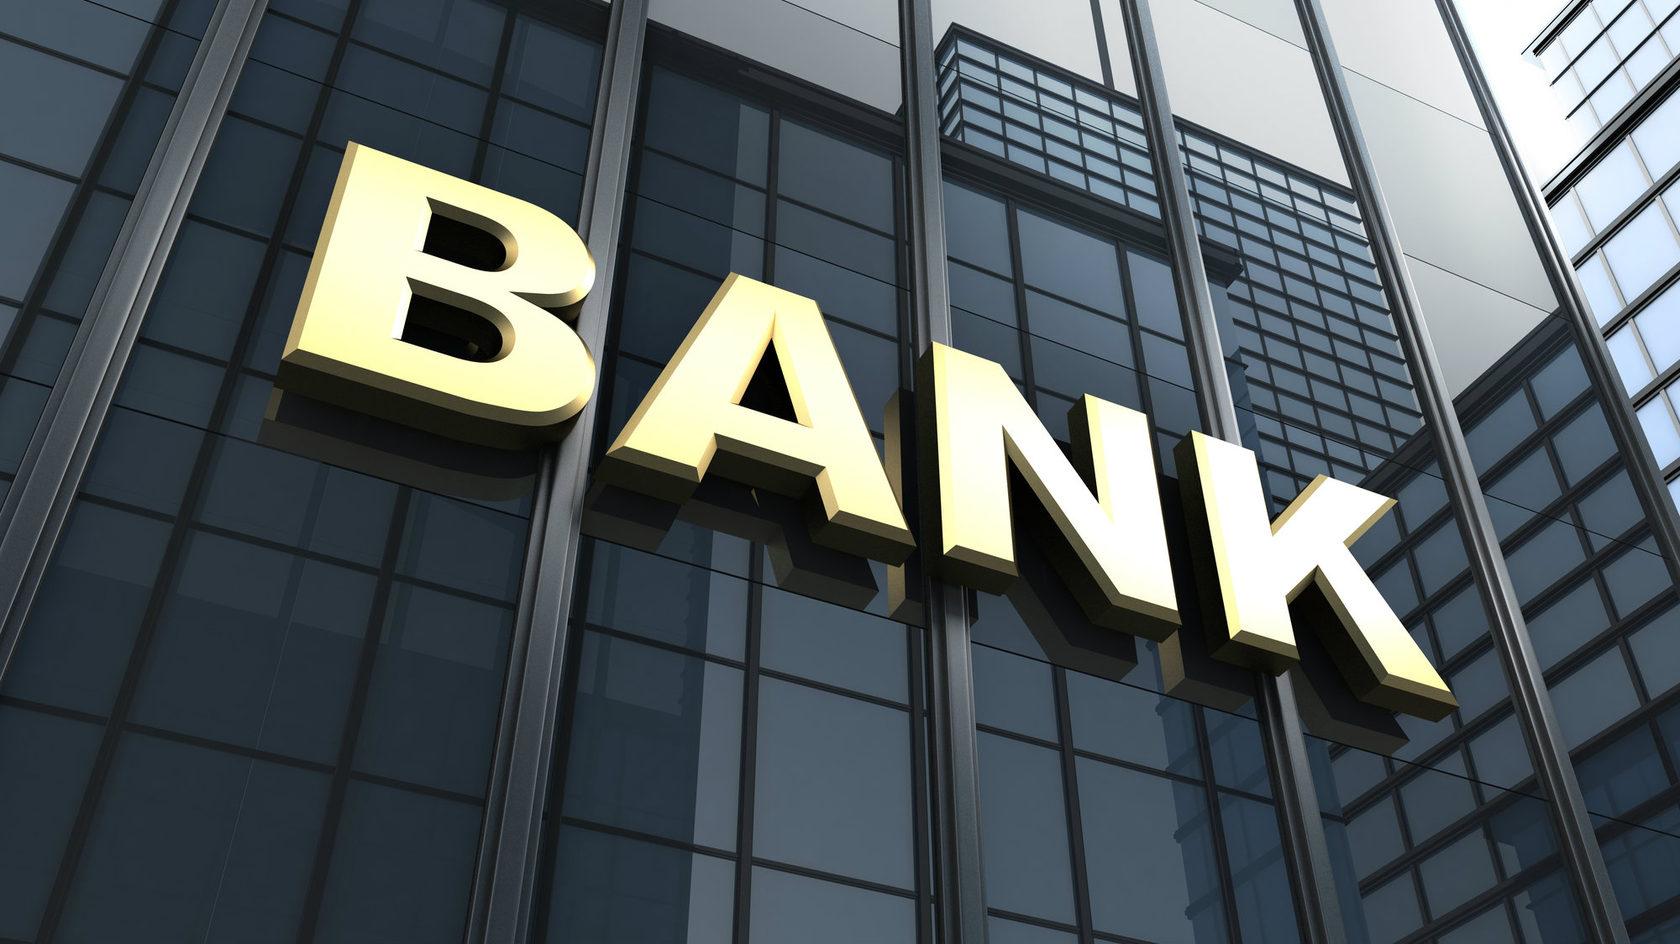 Сбербанк в Индии отправил на удаленку более половины сотрудников из-за COVID-19